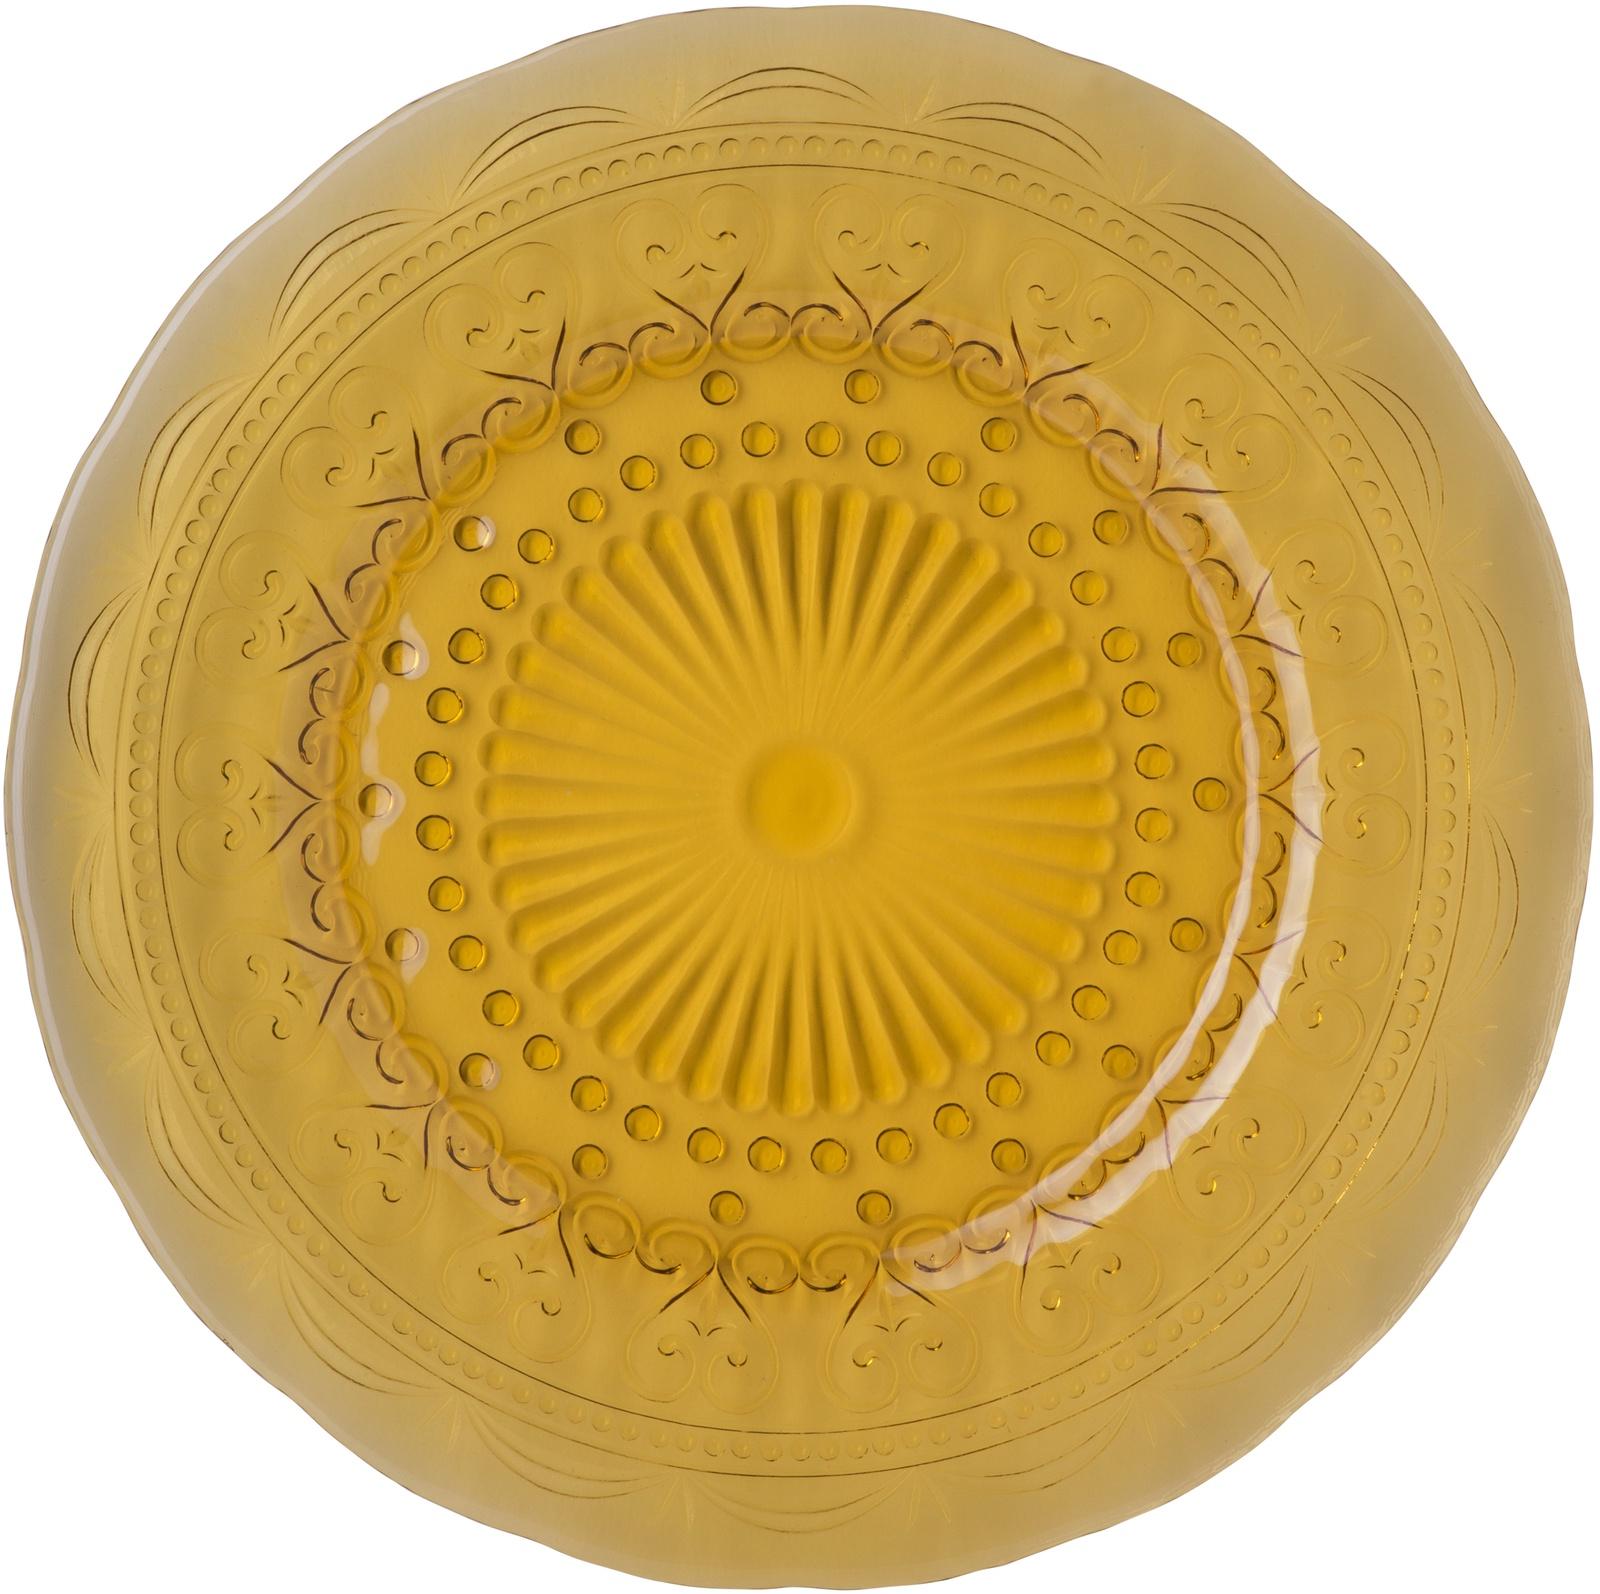 Тарелка десертная Zafferano PV01104, PV01104, желтый